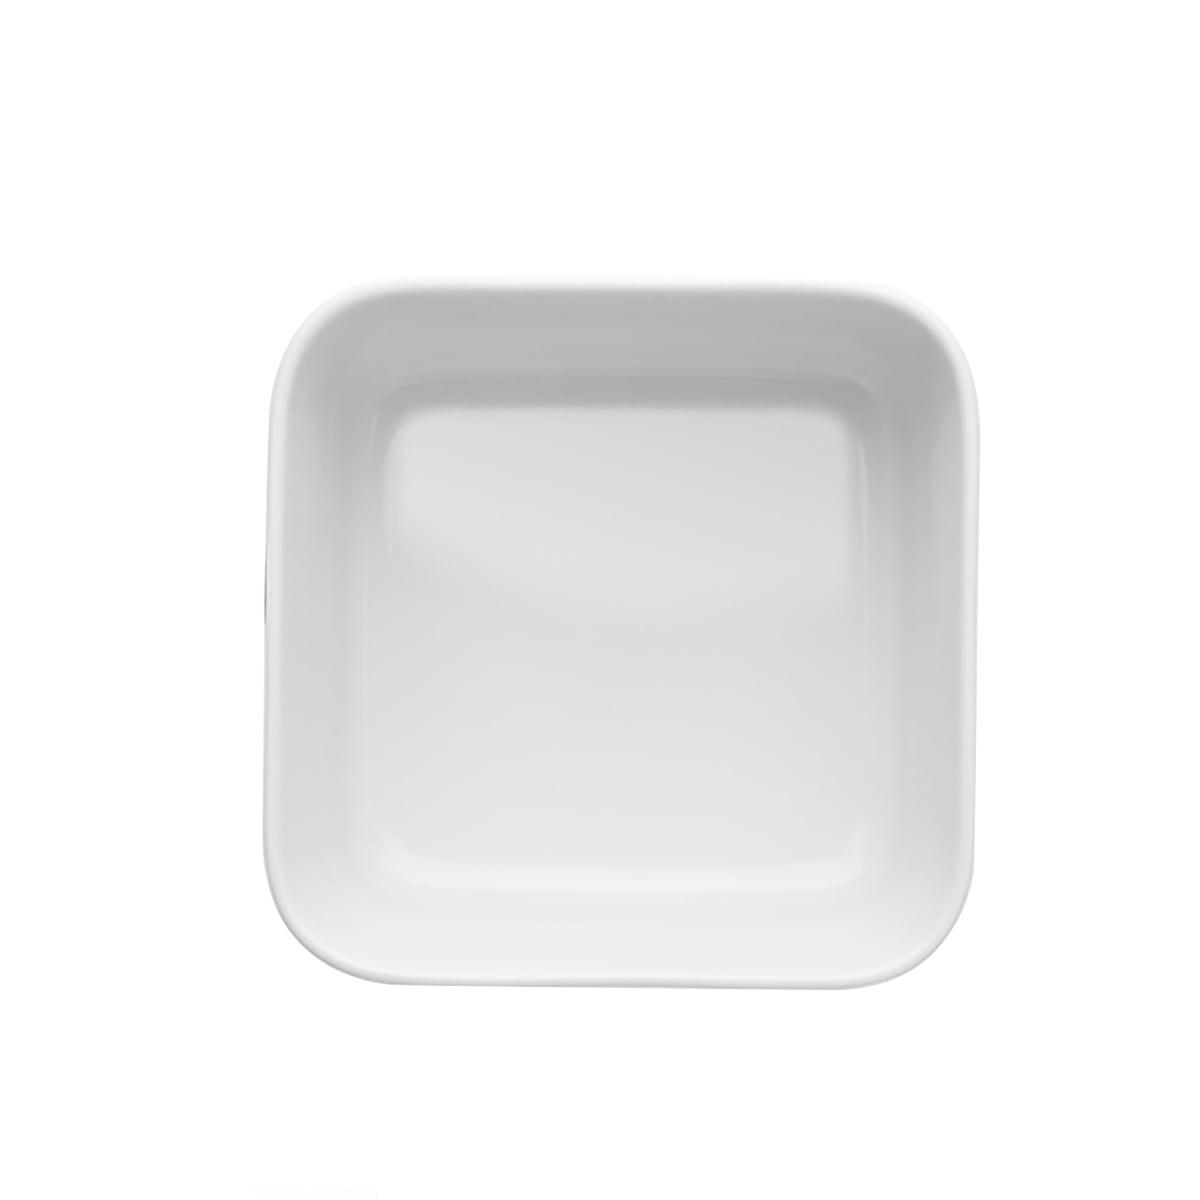 SeaGlass schwarz Schale auf Fu/ß wei/ß /Ø 100/mm H 90/mm 0,1/x 0,1/x 0,1/cm wei/ß//schwarz